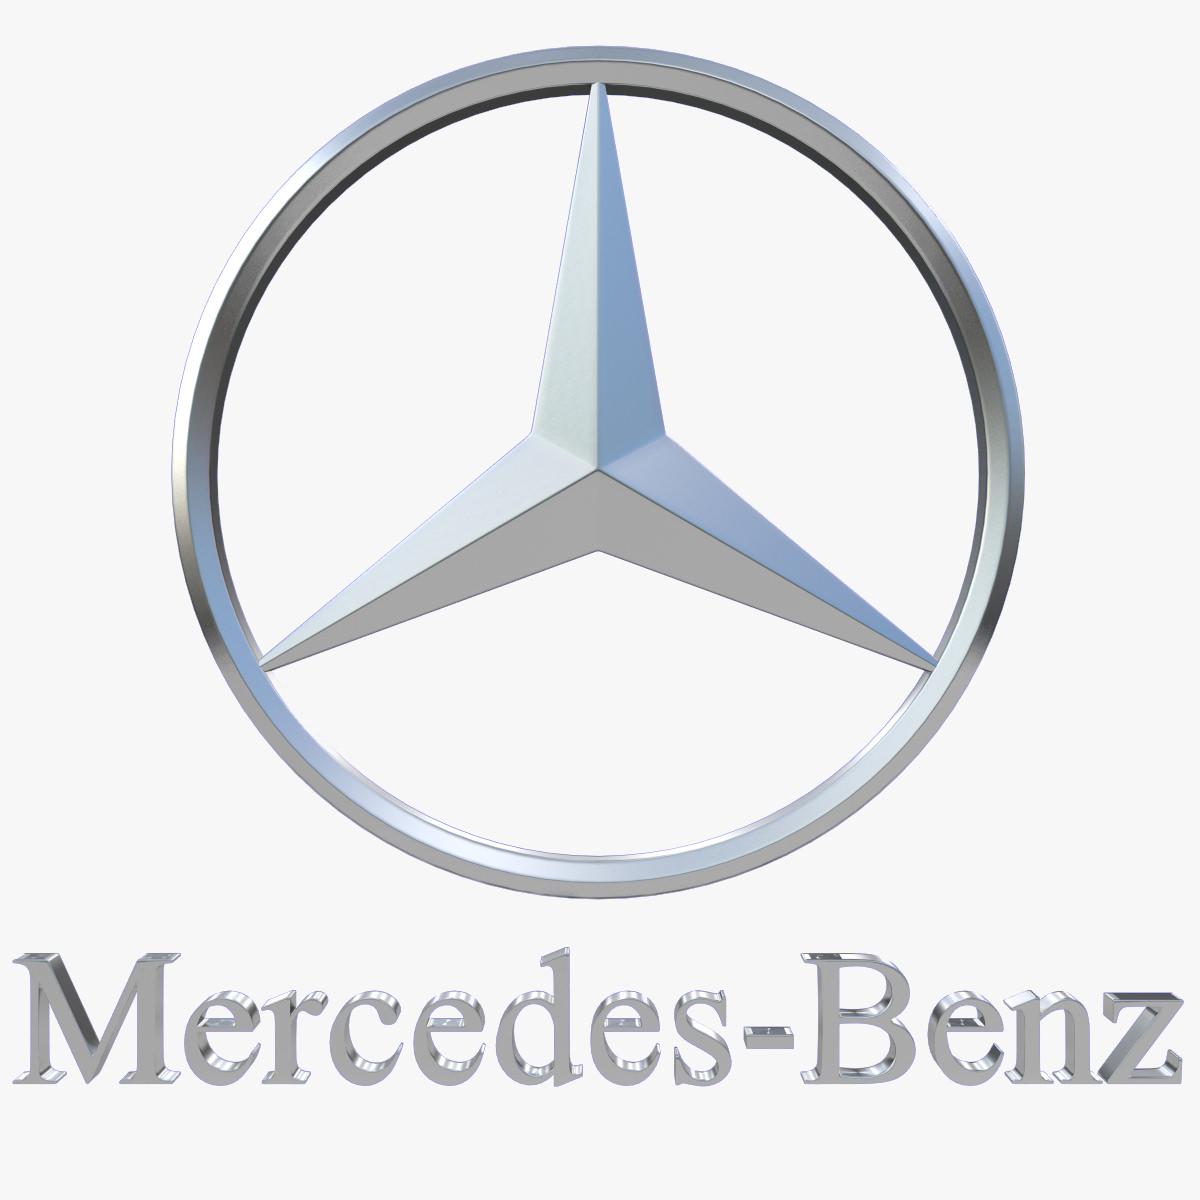 Mercedes Benz Logo 3d Model Max Obj 3ds Fbx Dxf Stl